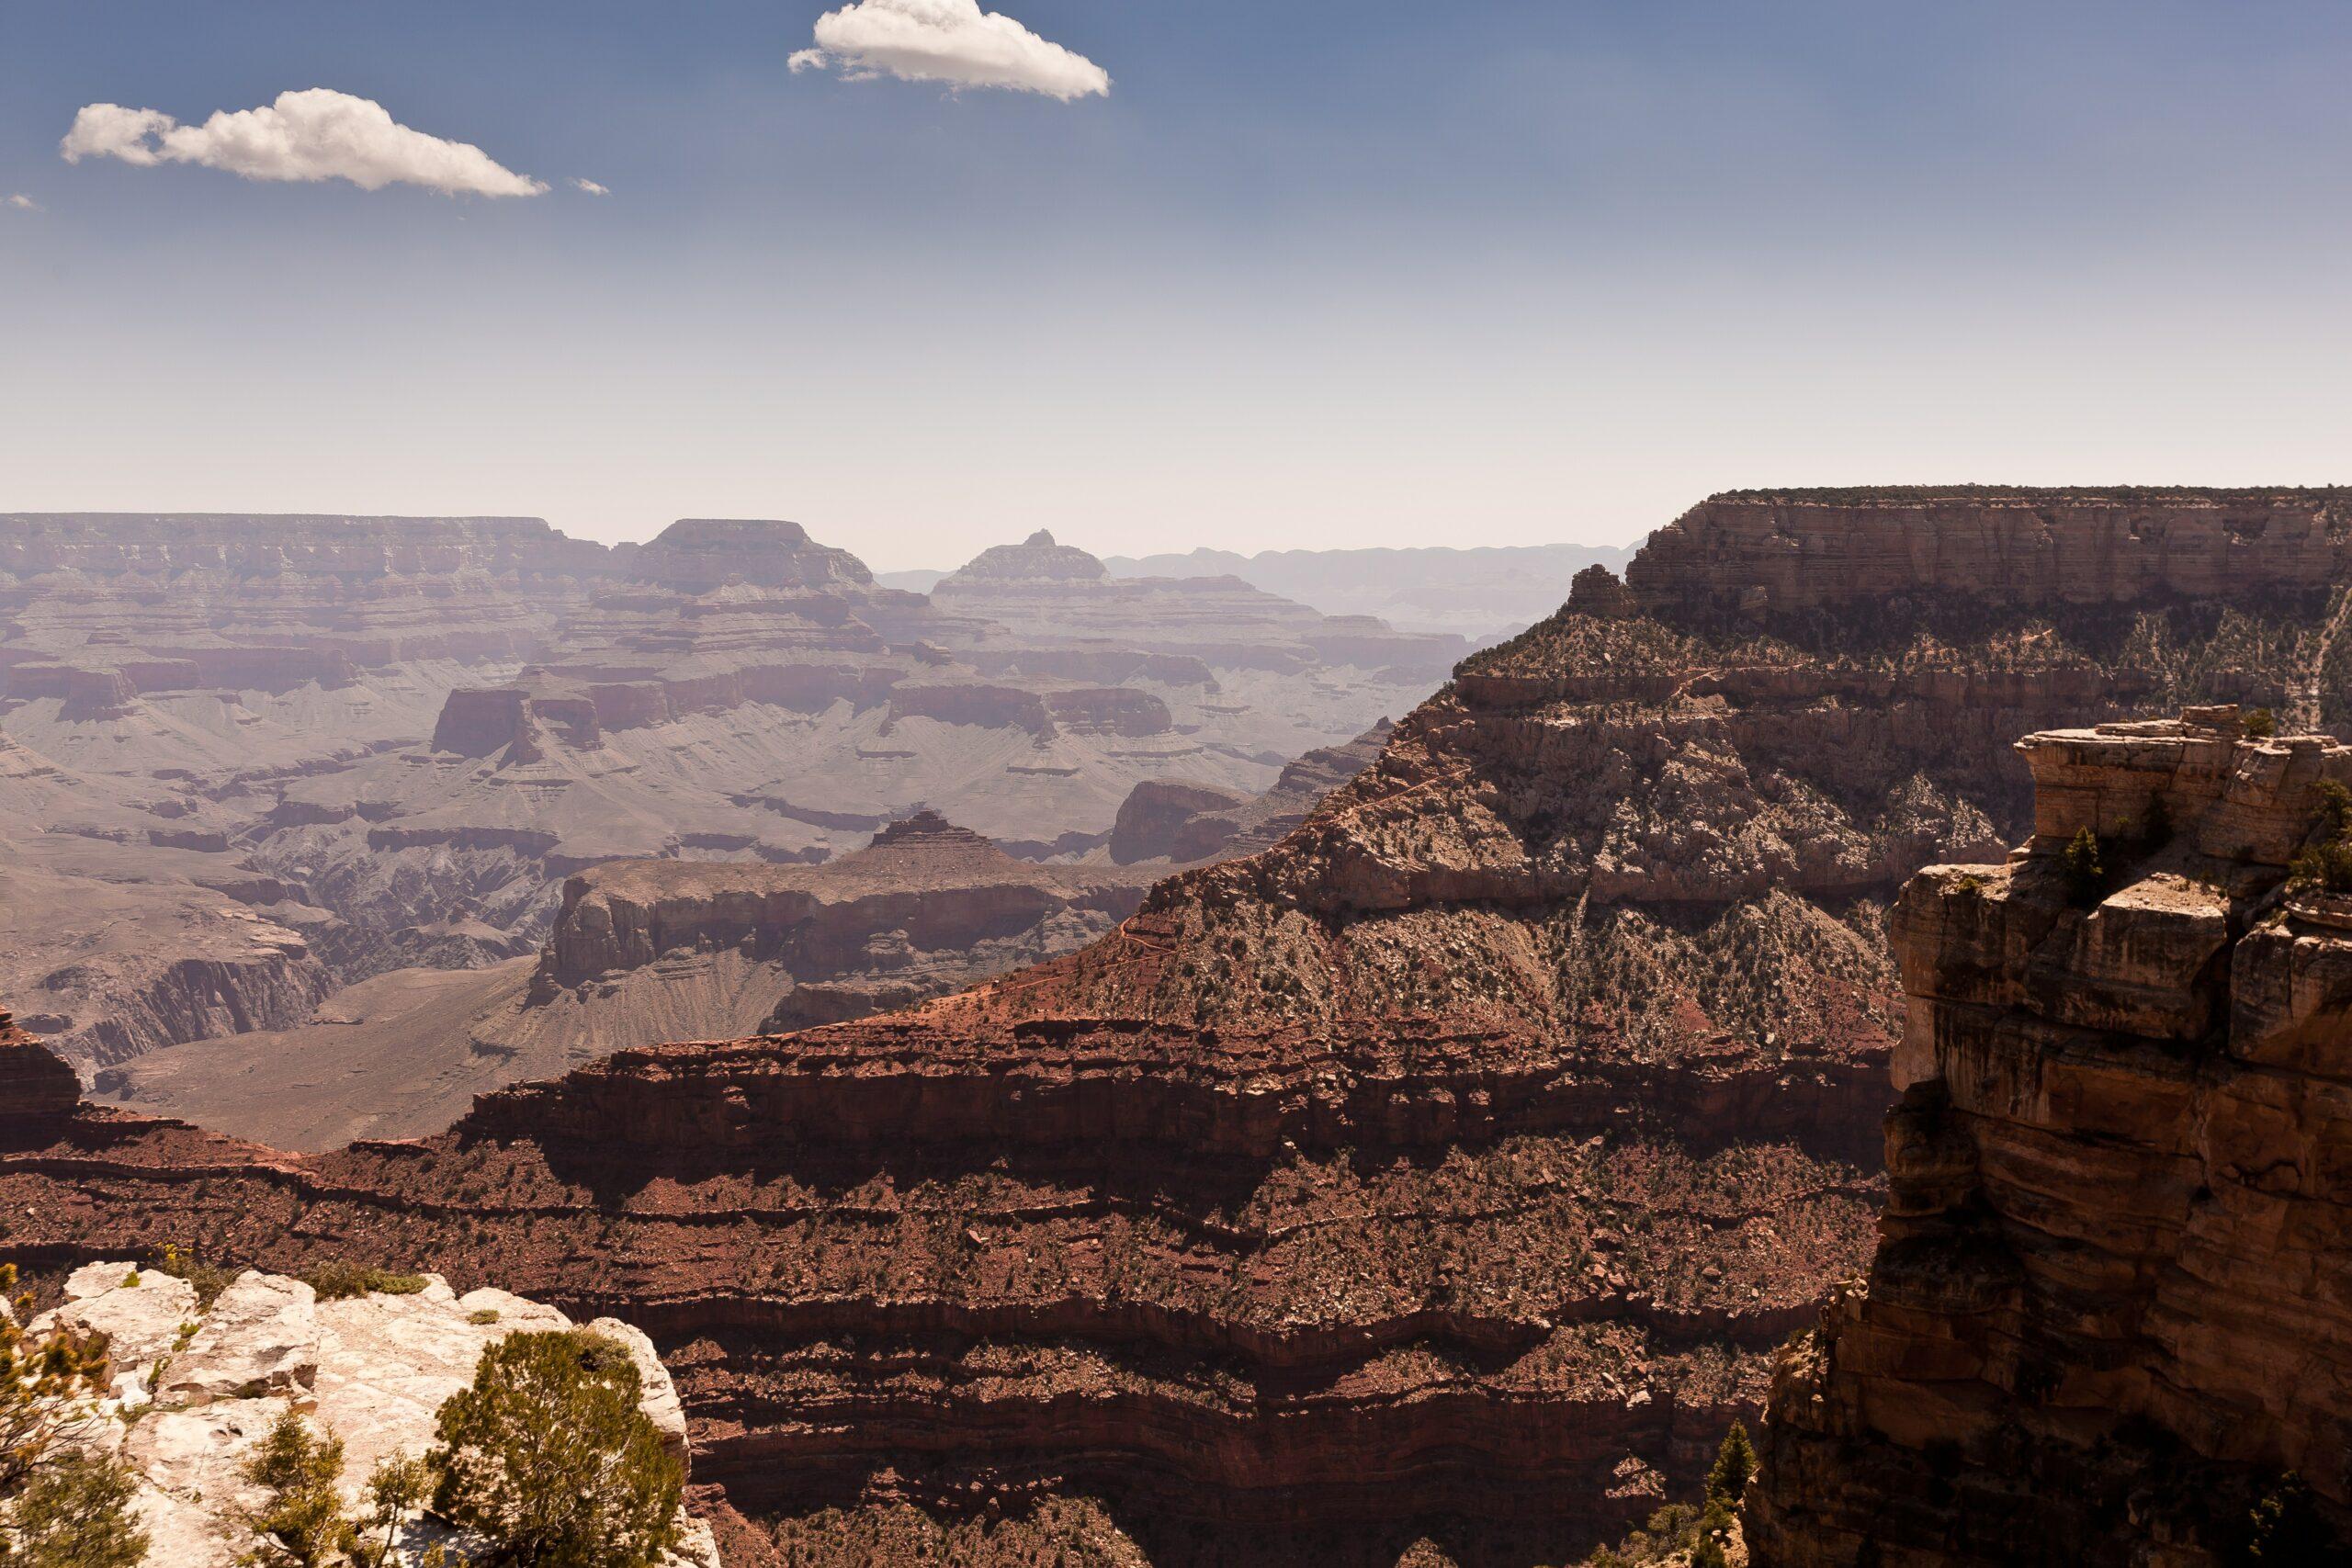 Camping at Grand Canyon National Park